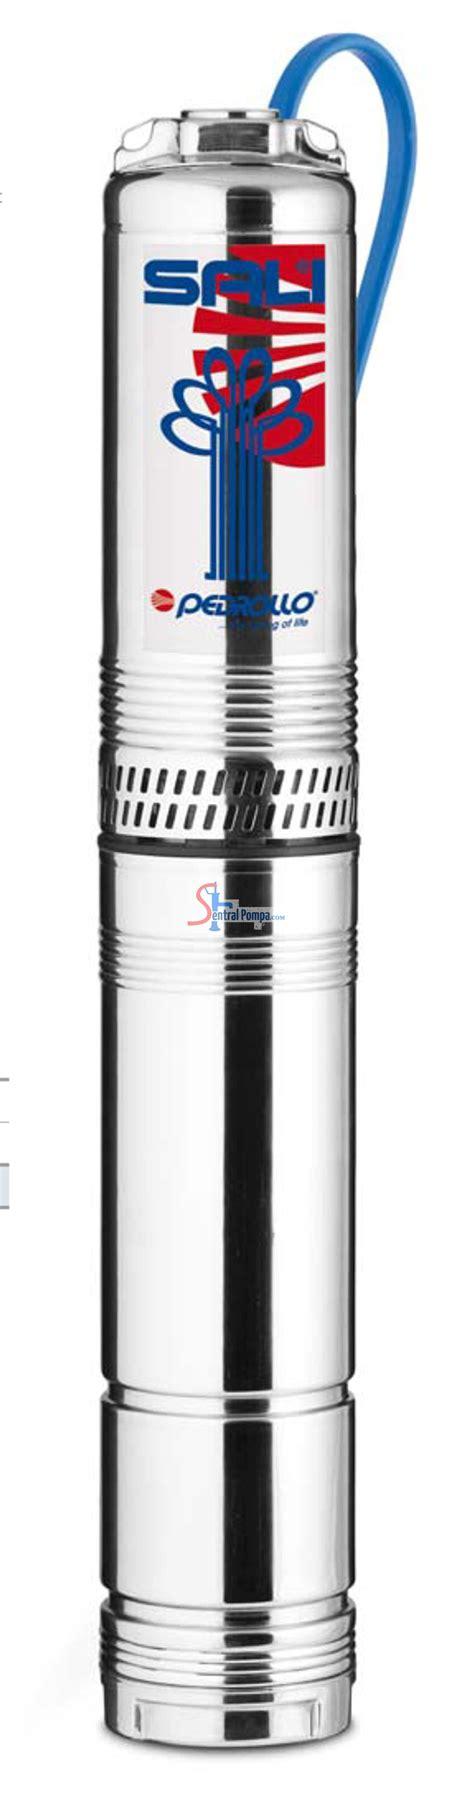 Pompa Submersible York 30 Meter Asli Artetis 30 Meter Plus Kabel pompa submersible sali 4 inch monoblock sumberged sentral pompa solusi pompa air rumah